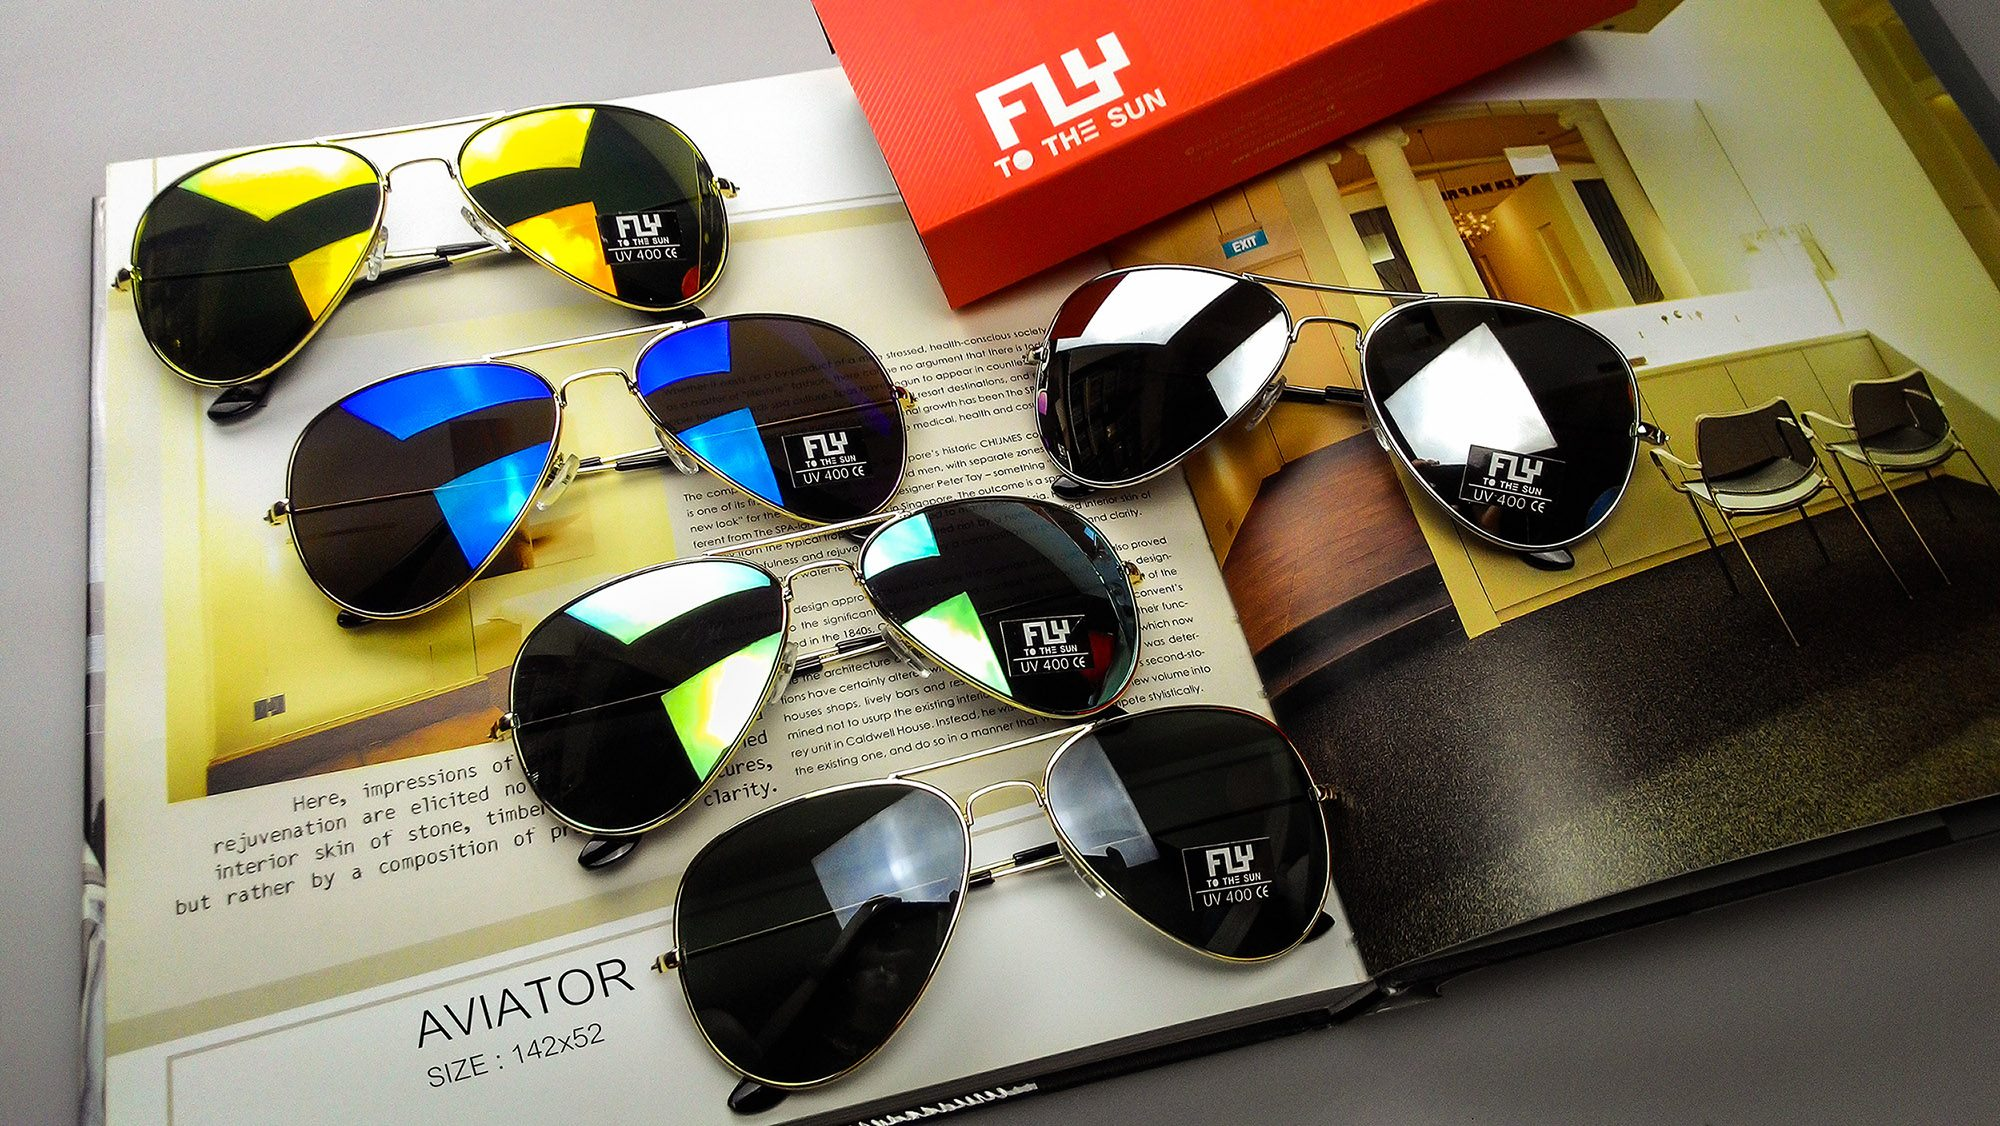 [พร้อมส่ง] แว่นกันแดด Fly to the sun รุ่น AVIATOR